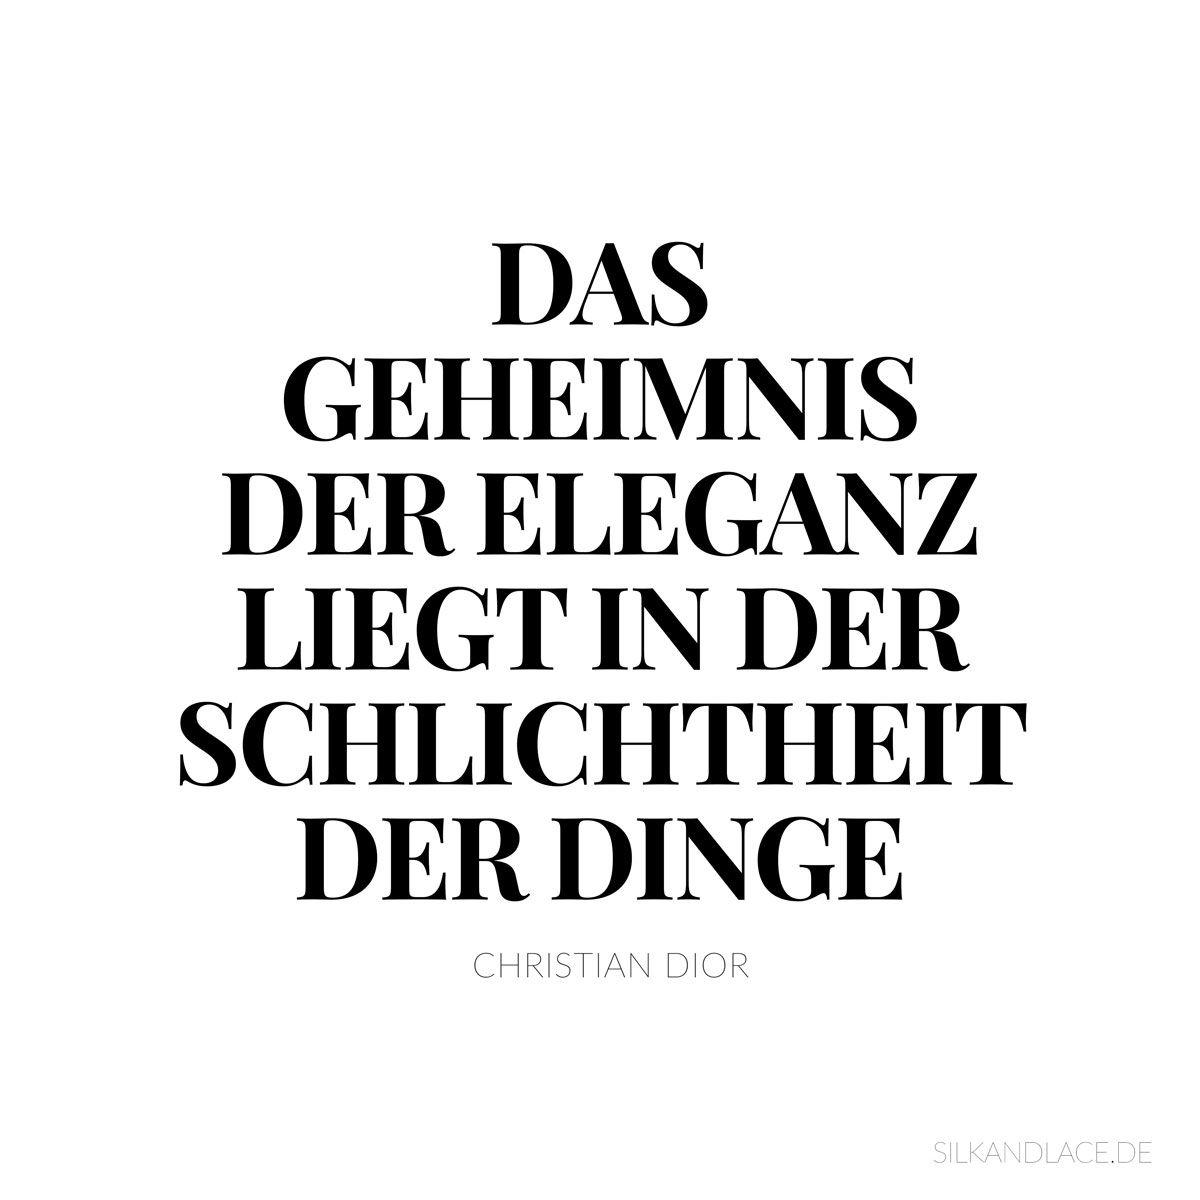 Spruch wusste ichs doch with spruch stunning stickdatei spruch aus dem bauch with spruch - Wandtafel fur zuhause ...